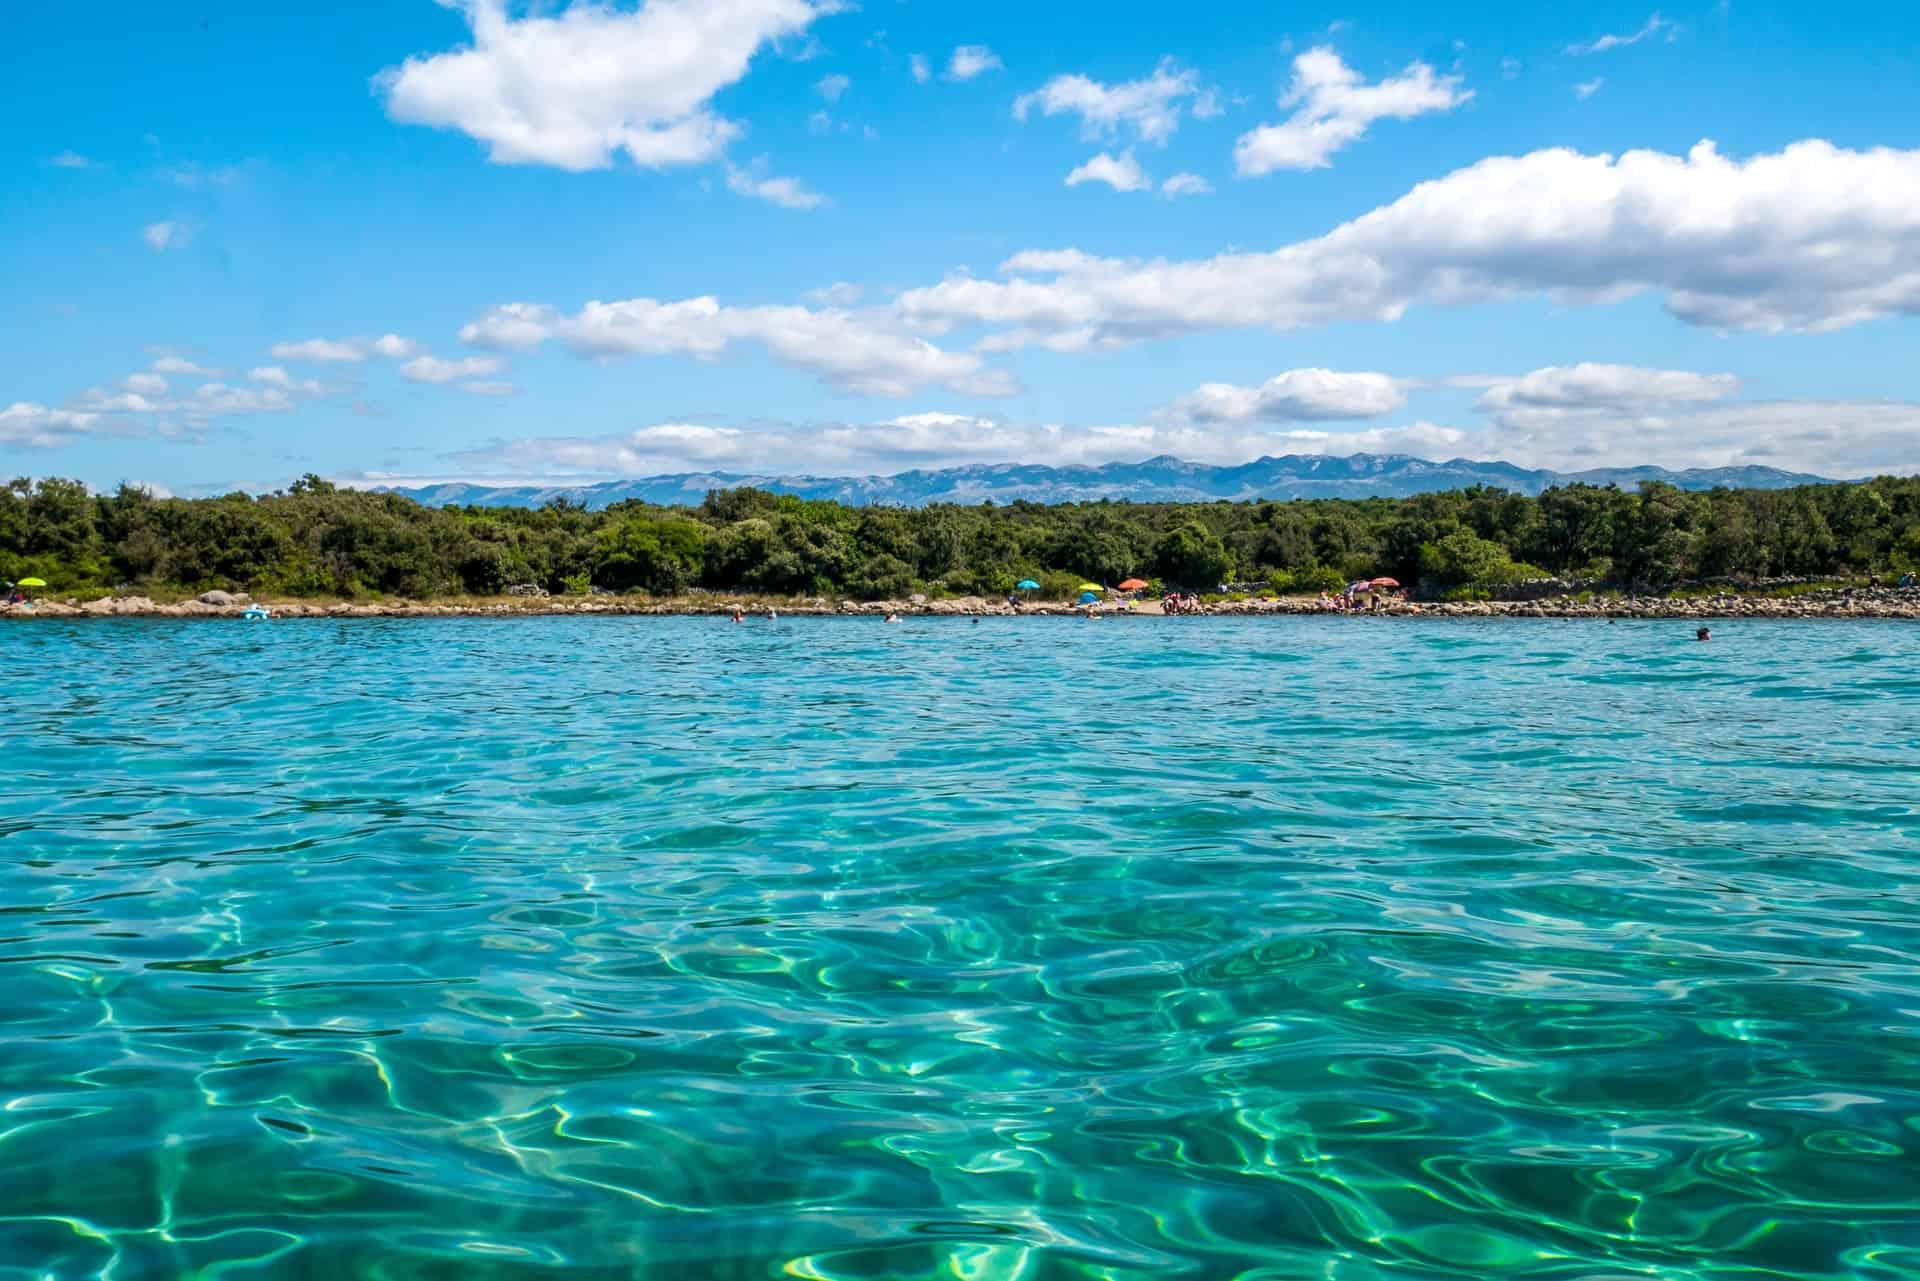 Norddalmatien Urlaub - Eine Woche Vollpension nur 275,00€